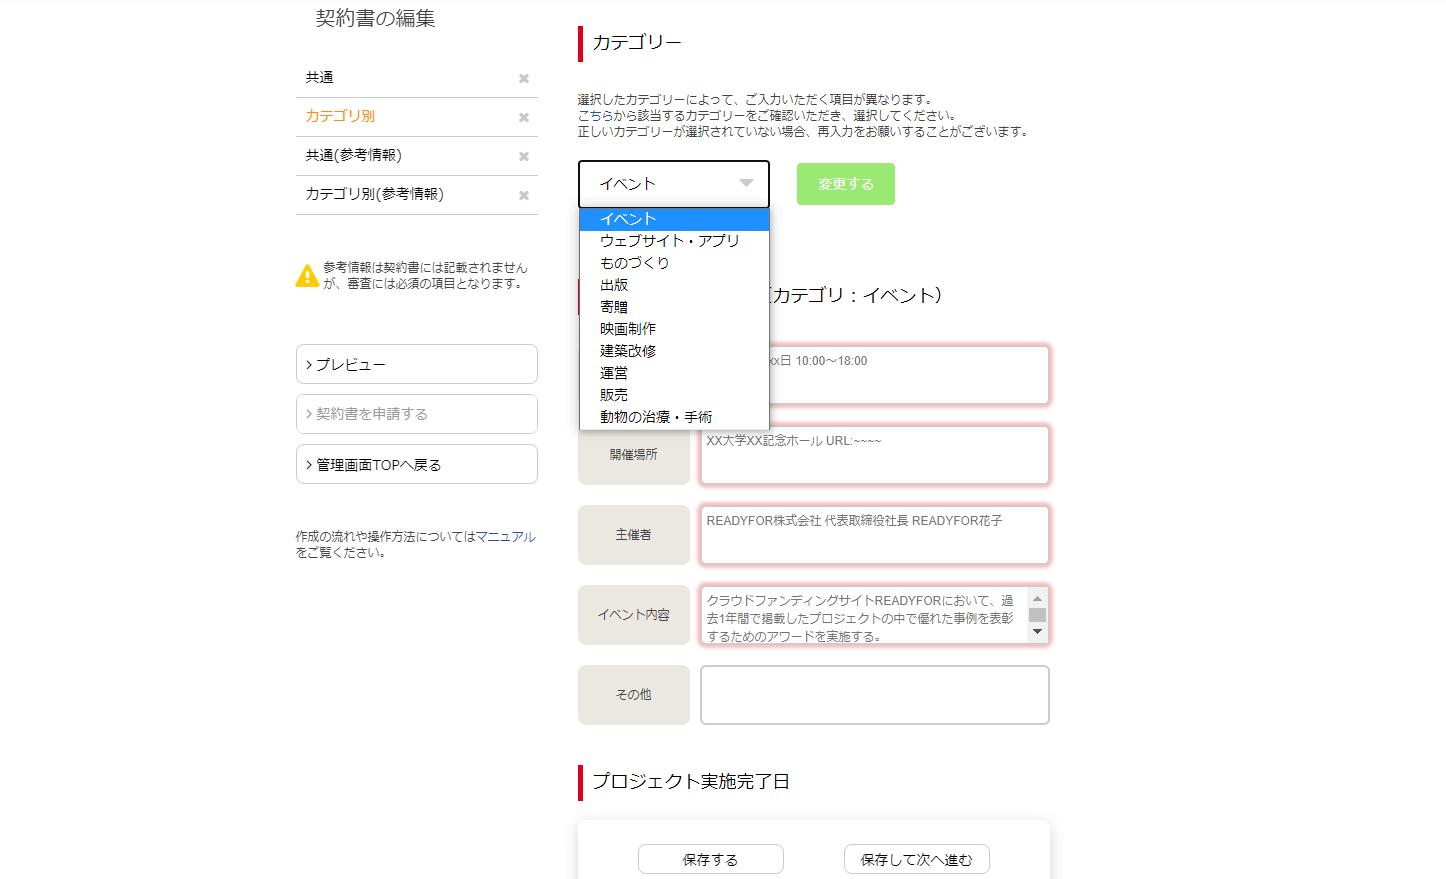 カテゴリ別編集画面